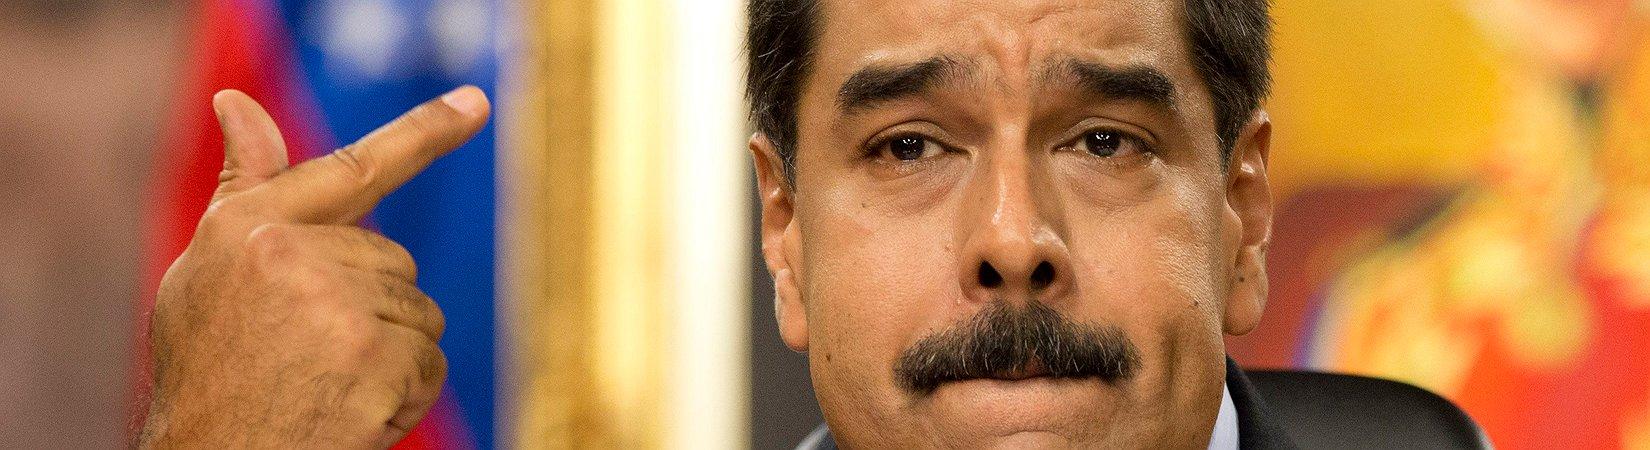 Maduro annuncia la creazione del petro, la prima criptovaluta venezuelana